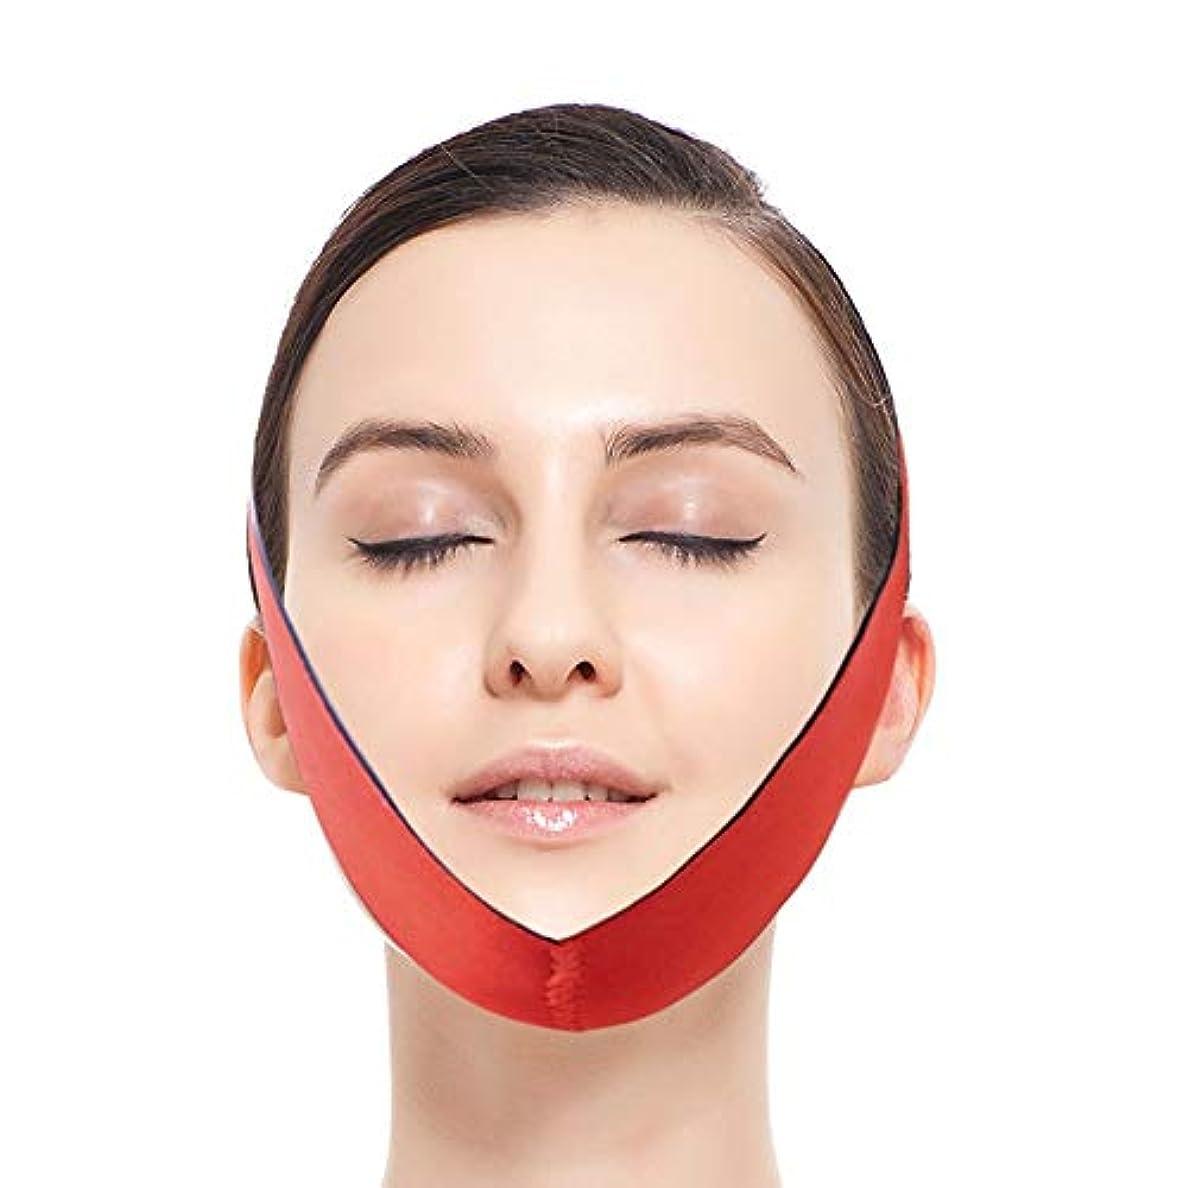 パスポート必須ずるいJia Jia- フェイスリフティングアーティファクトVフェイス包帯マスクダブルあご引き締め顔薄い咬傷筋肉下顎矯正顔 顔面包帯